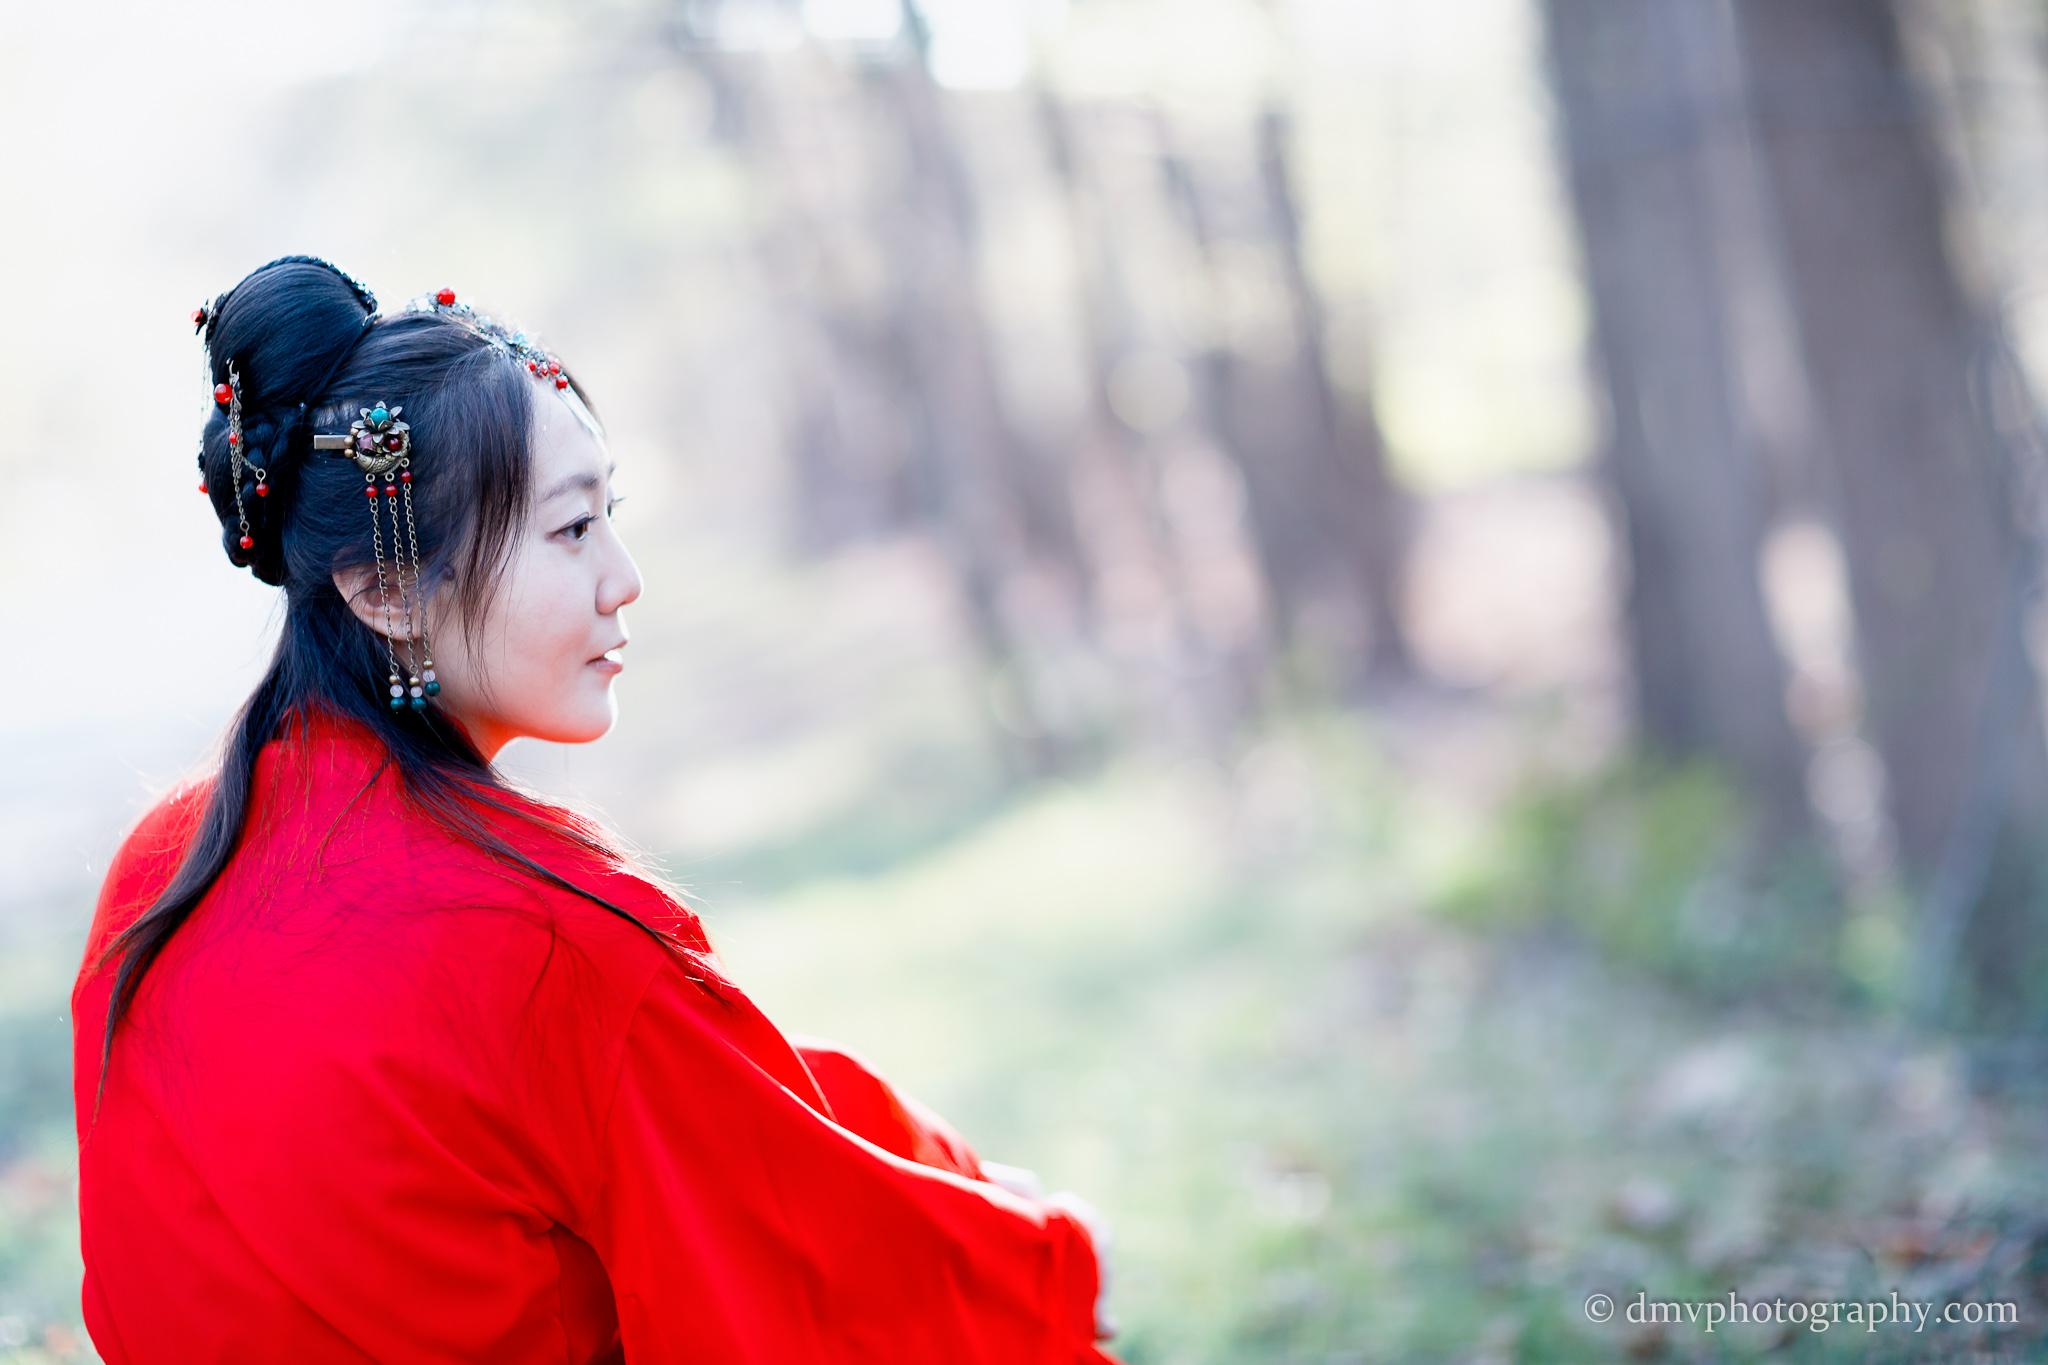 2016-04-20 - Zhu Xing - 00008